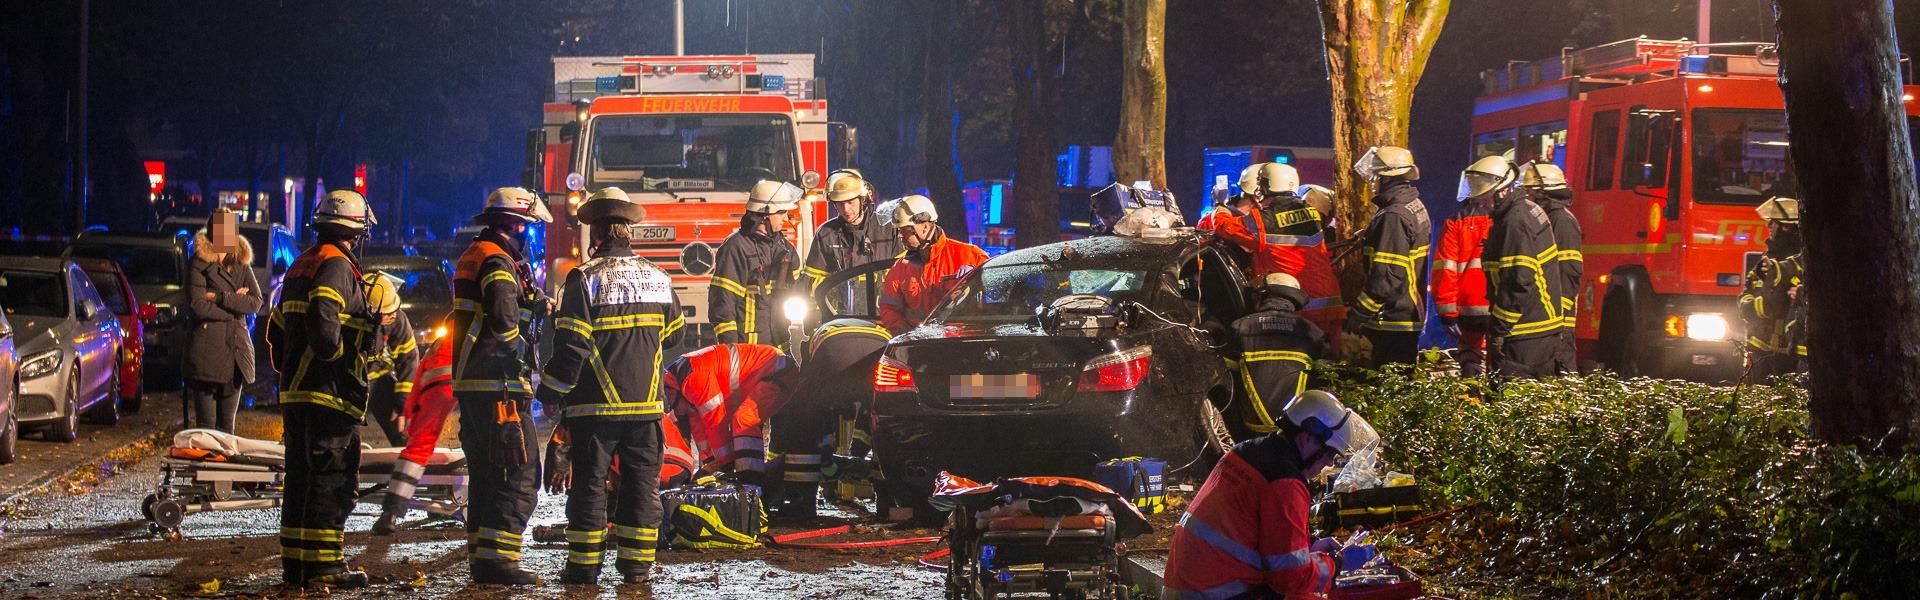 13.10.2019 – mutmaßliches Rennen endet in schwerem Verkehrsunfall